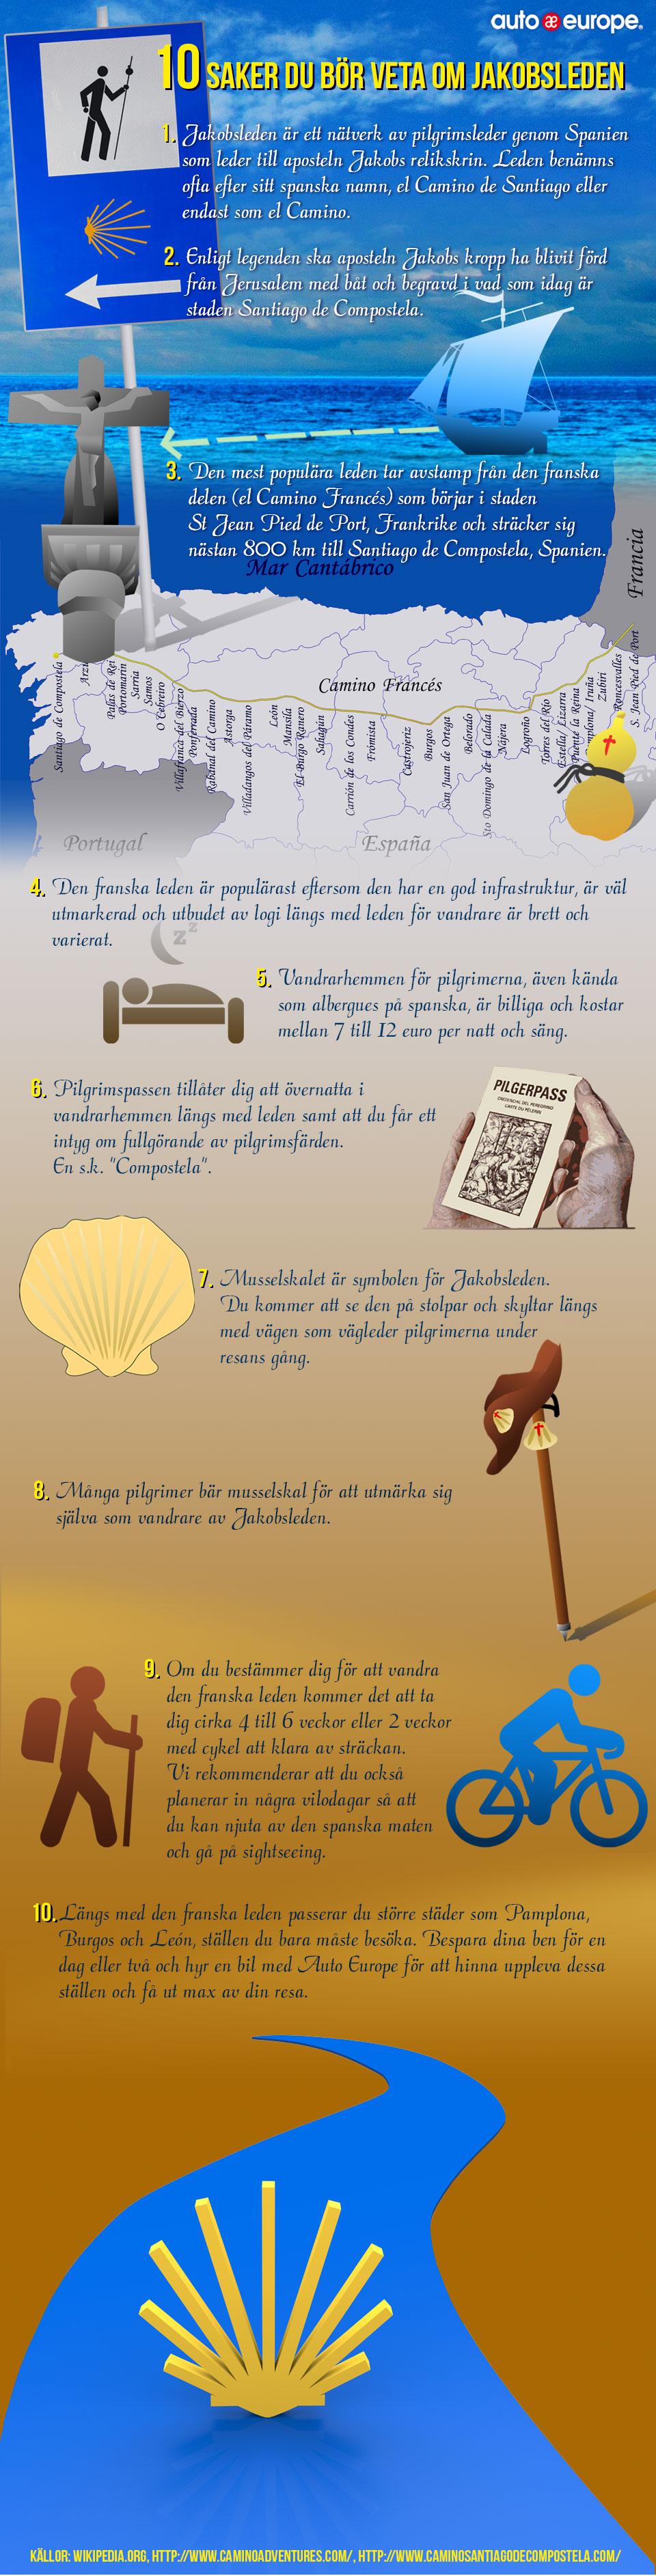 Jakobsleden - Infografik